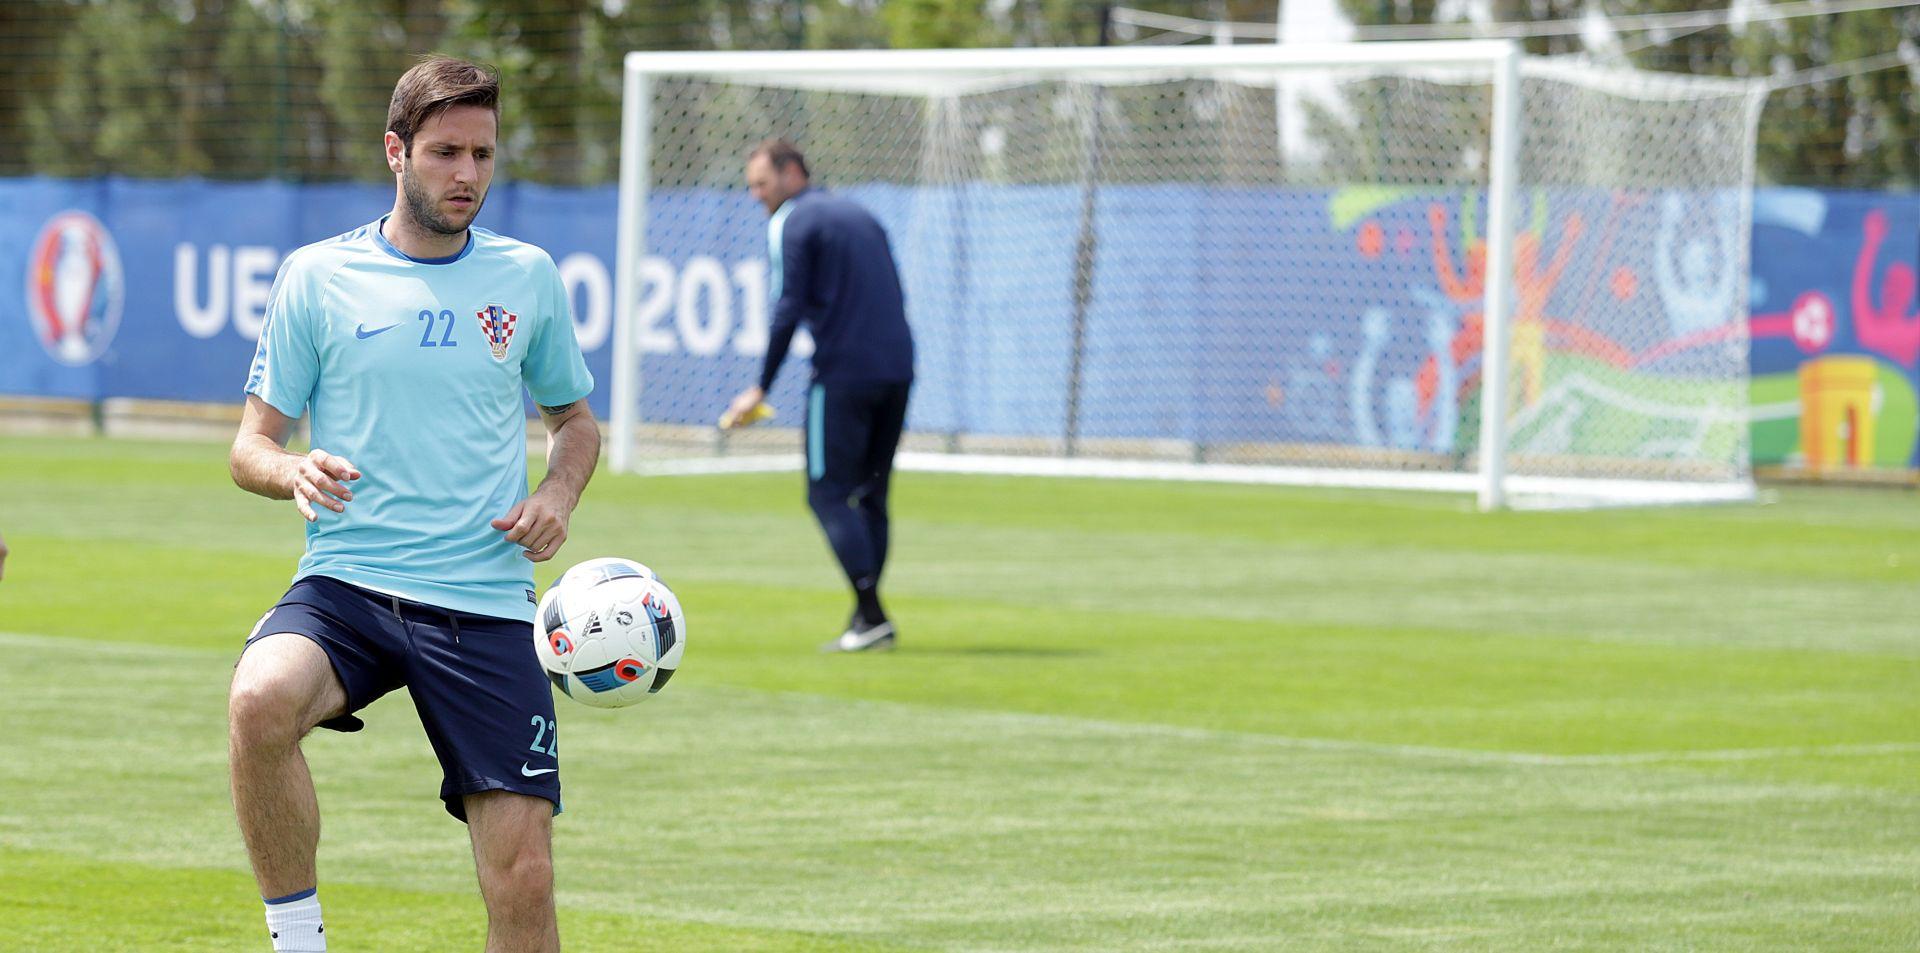 PONOVNO U ŠPANJOLSKOJ Duje Čop sljedeće sezone u dresu Sportinga